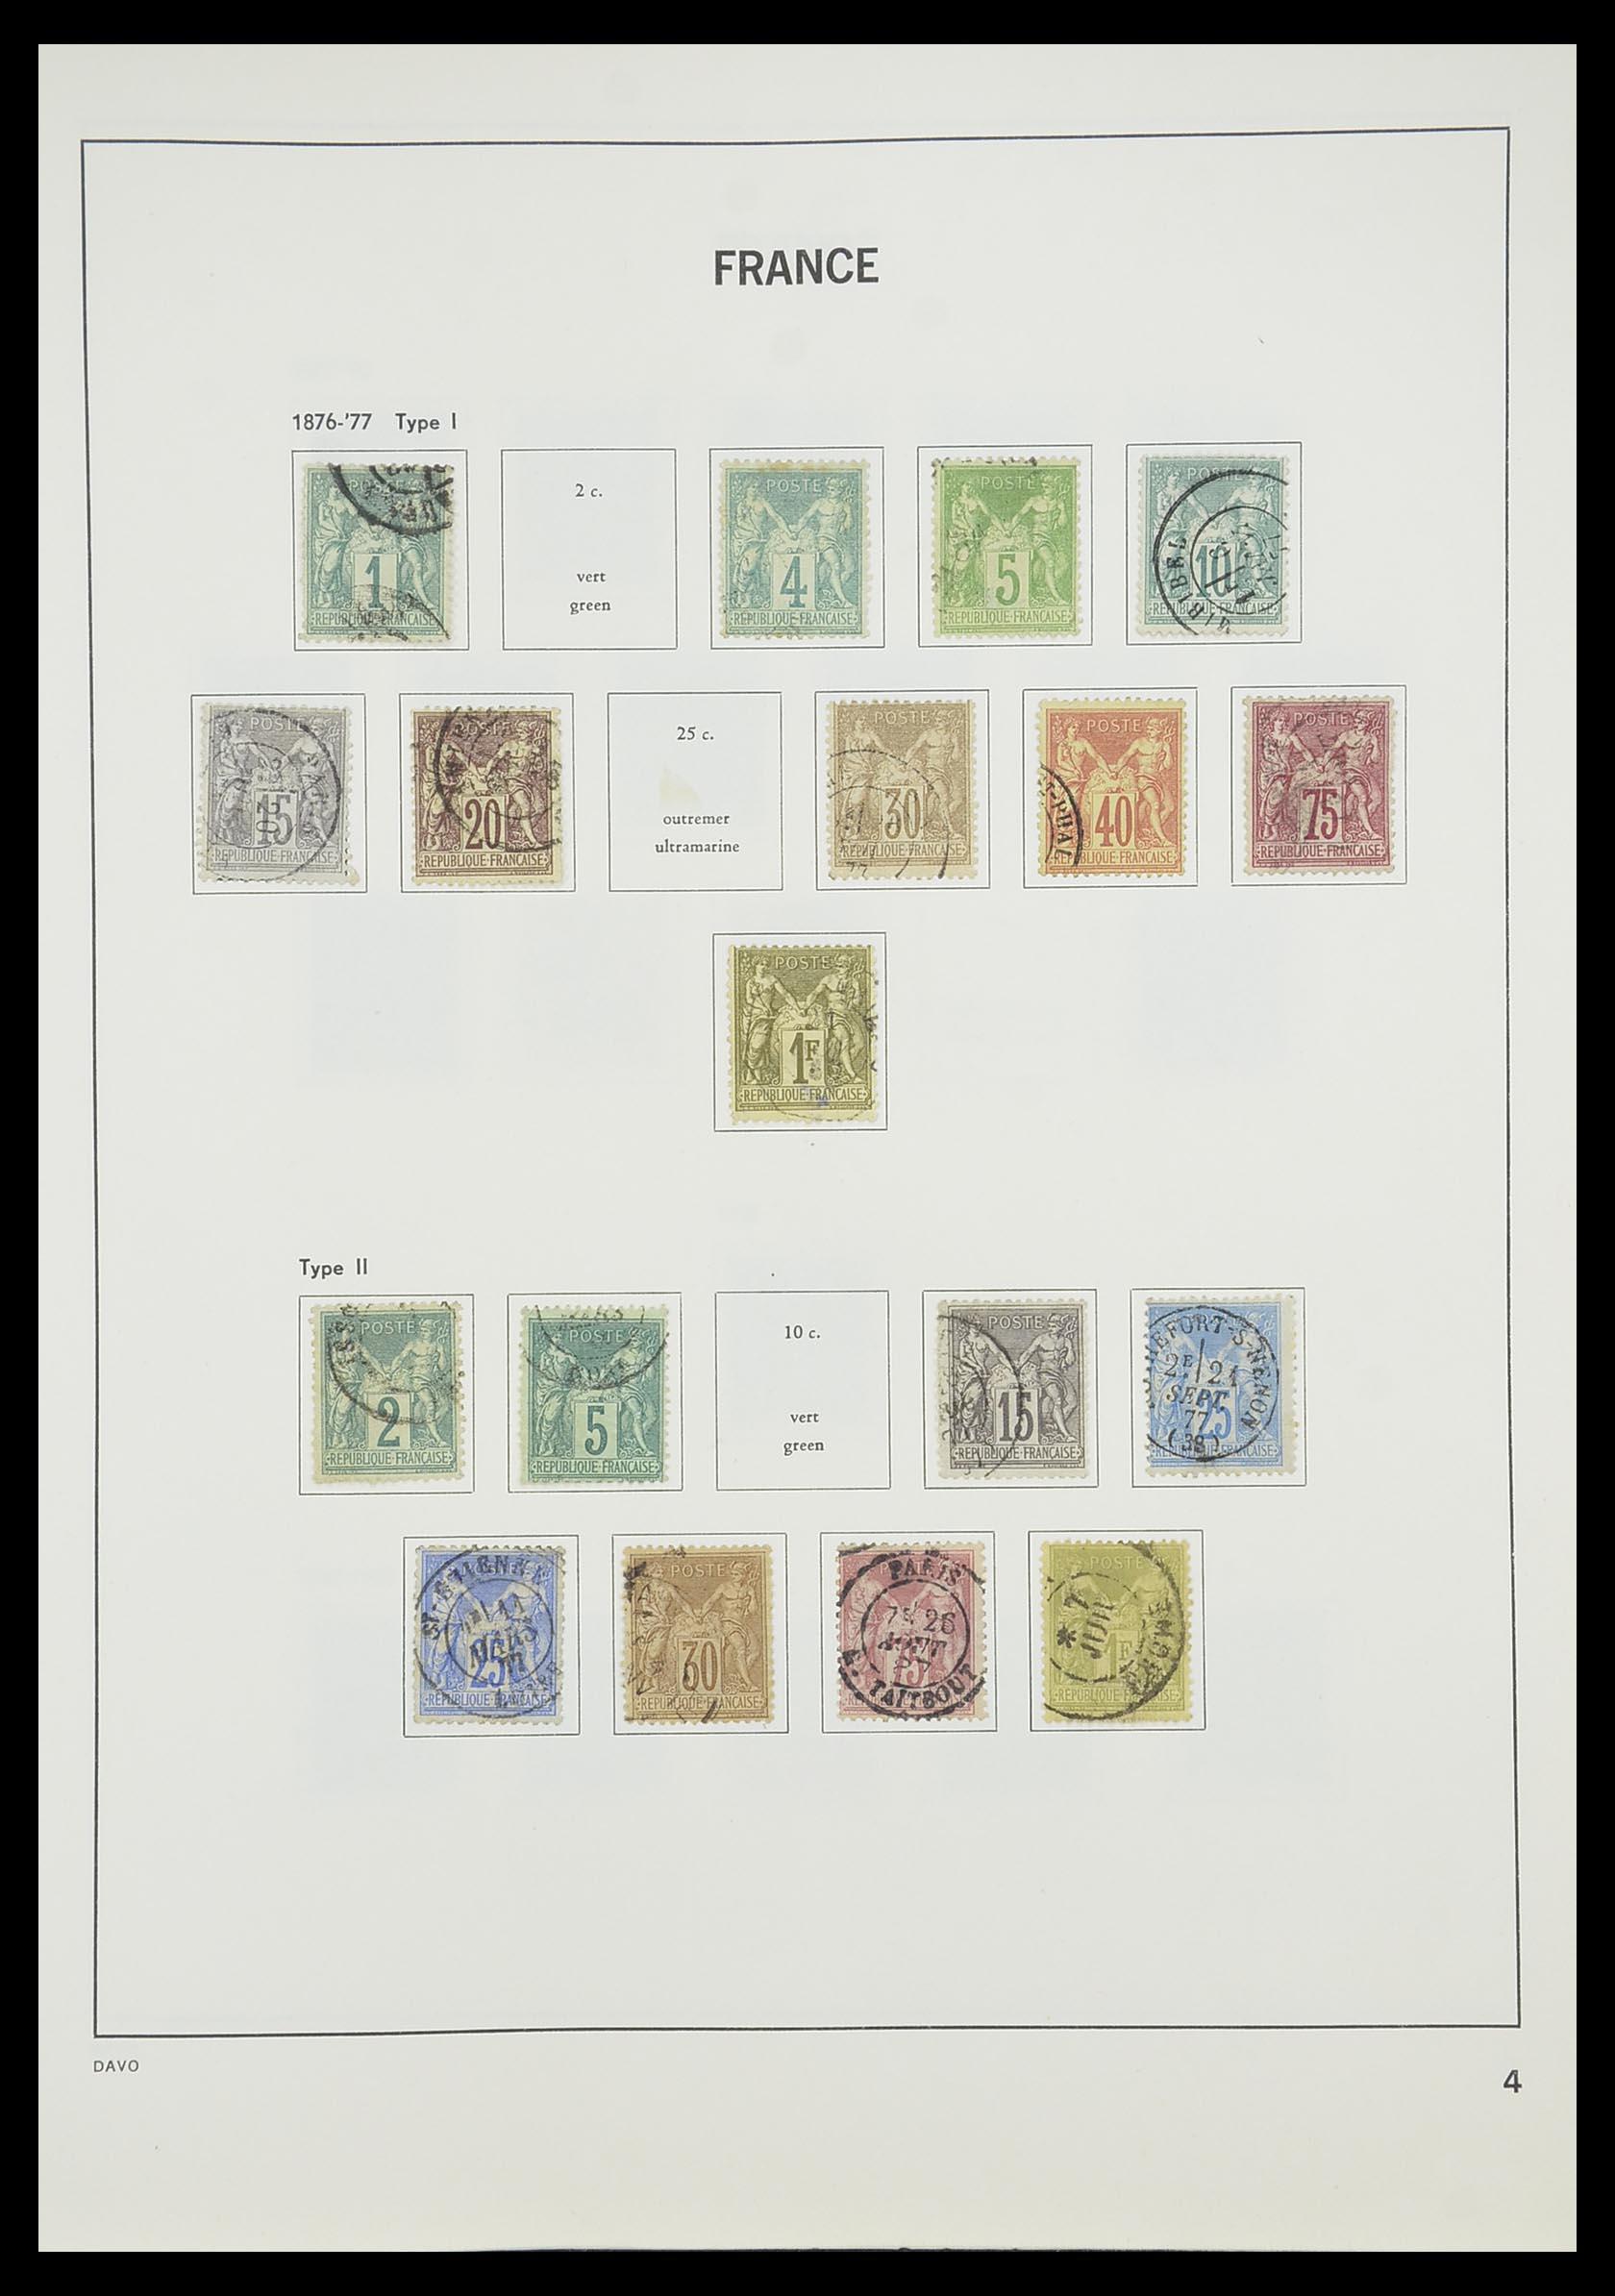 33819 006 - Postzegelverzameling 33819 Frankrijk 1849-1988.